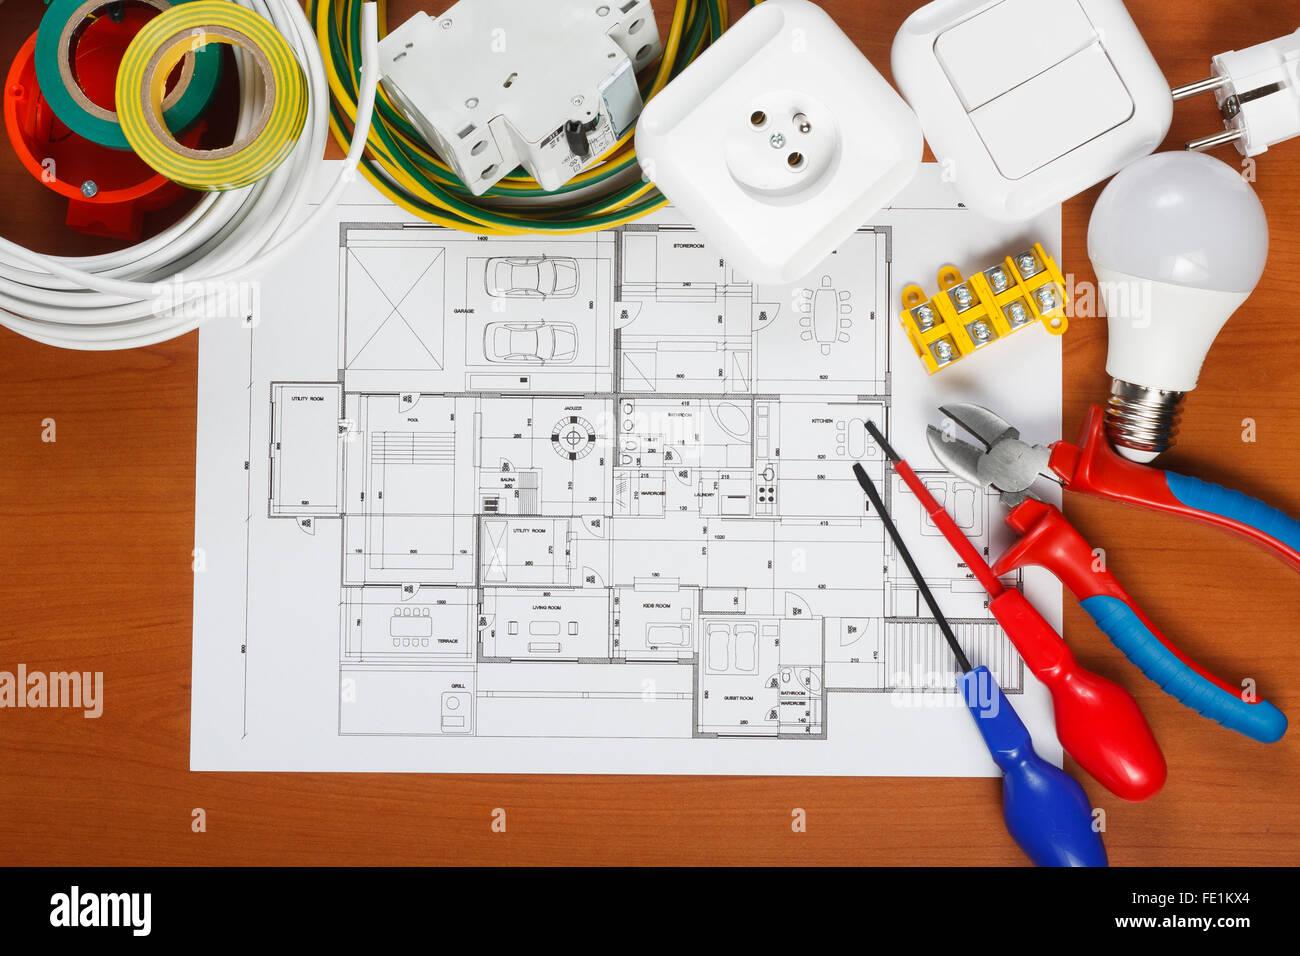 Elektrische Geräte, Werkzeuge und Hauspläne auf dem Schreibtisch Stockbild